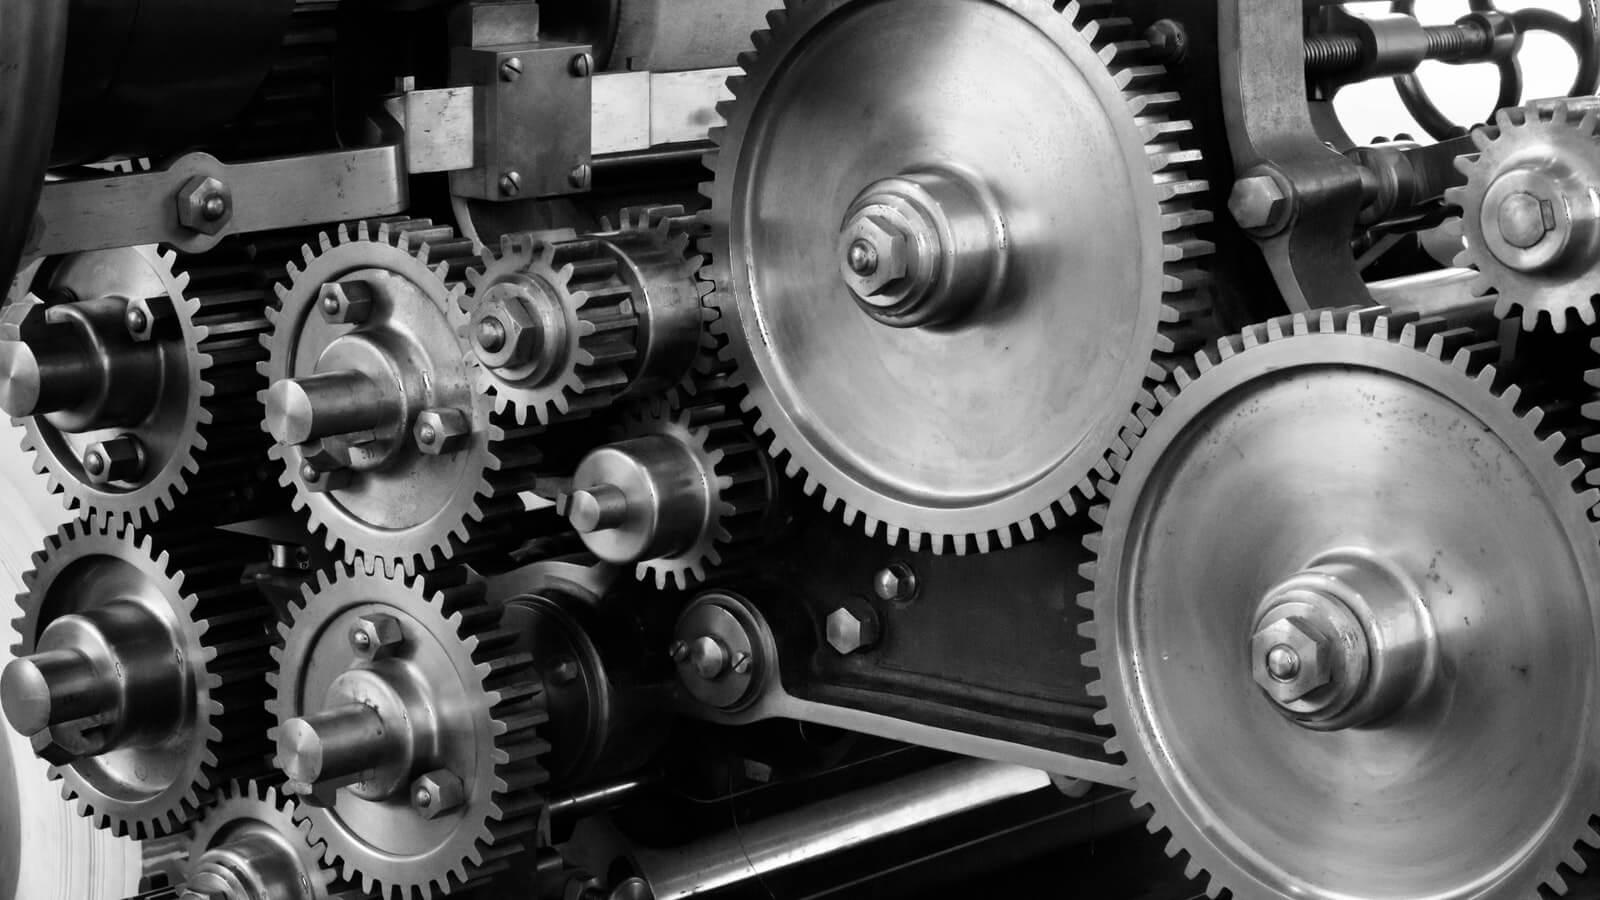 Mekatronik Mühendisliği Lisans Programı 2019 Başarı Sıralamaları Burada!